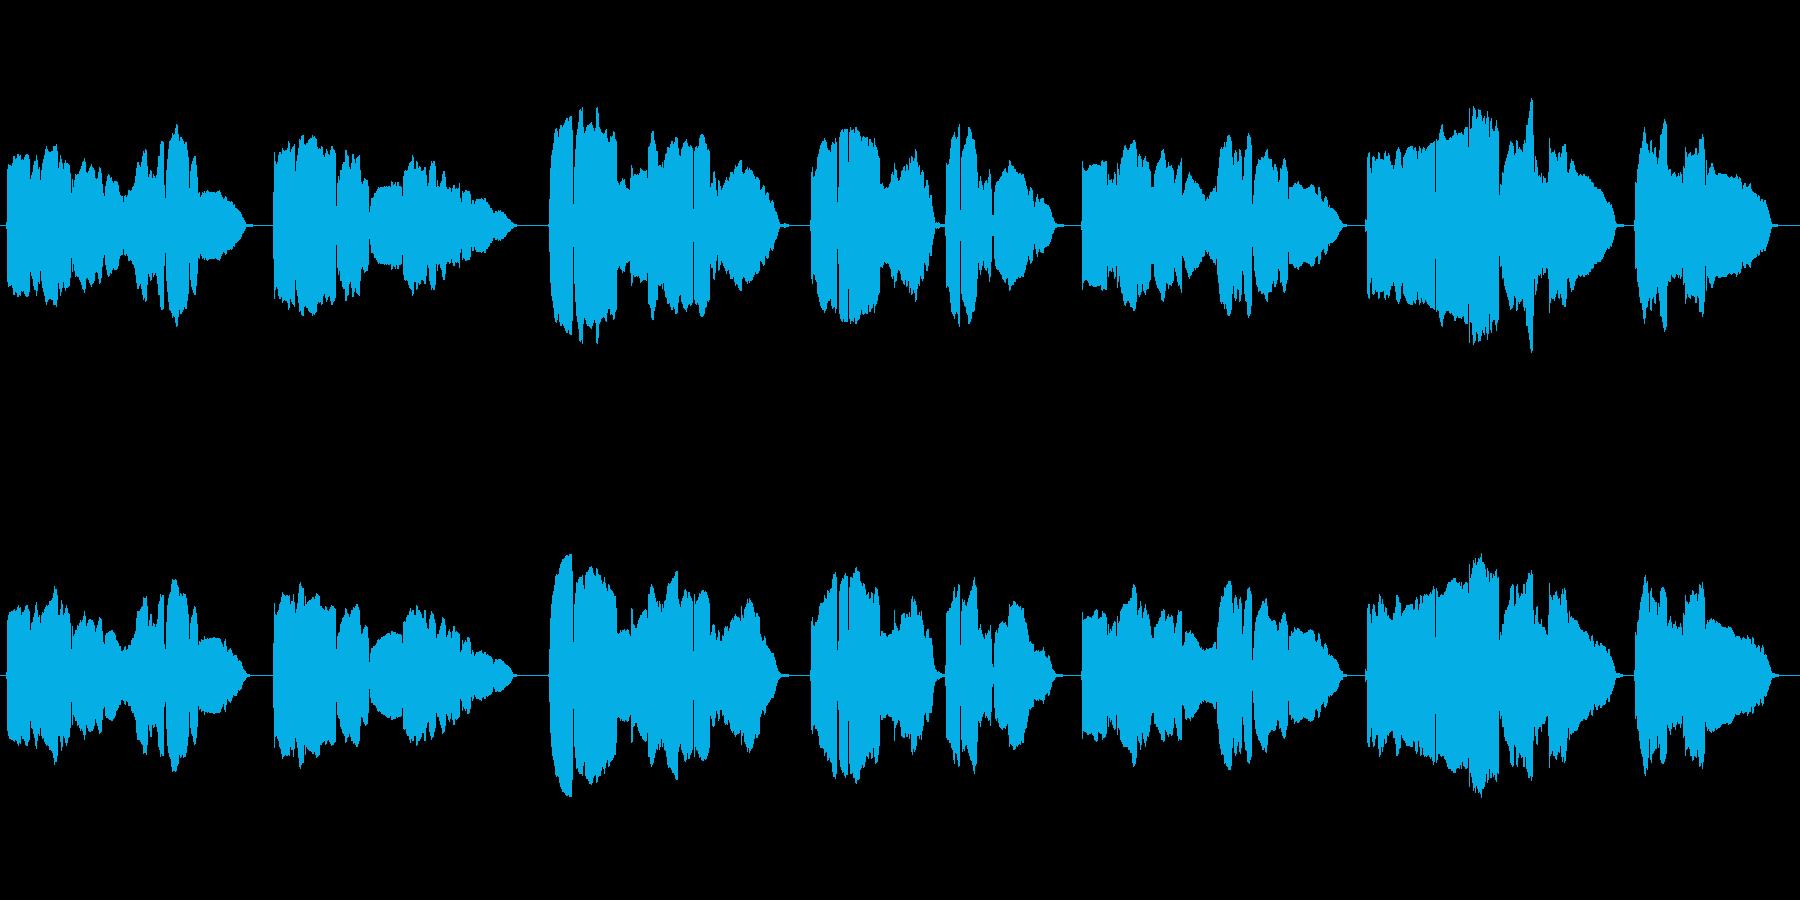 童謡「家路」のトランペット独奏の再生済みの波形